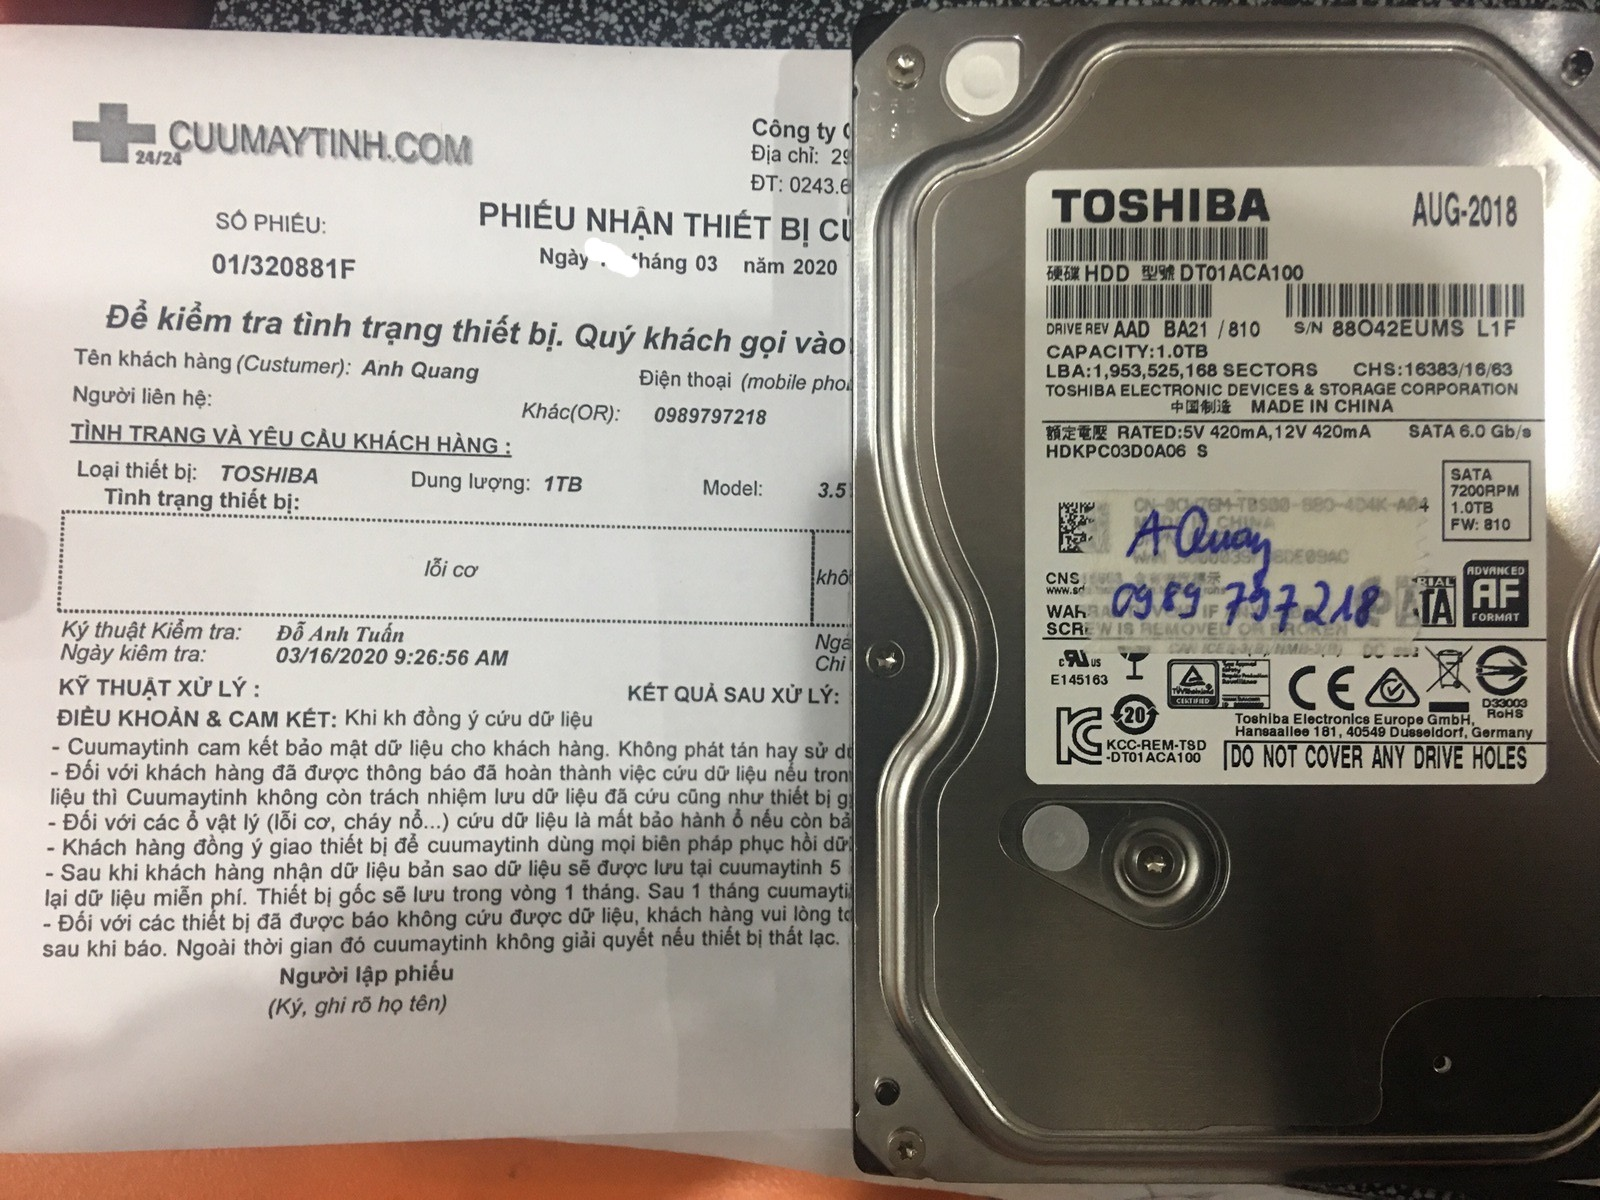 Lấy dữ liệu ổ cứng Toshiba 1TB lỗi cơ 18/03/2020 - cuumaytinh